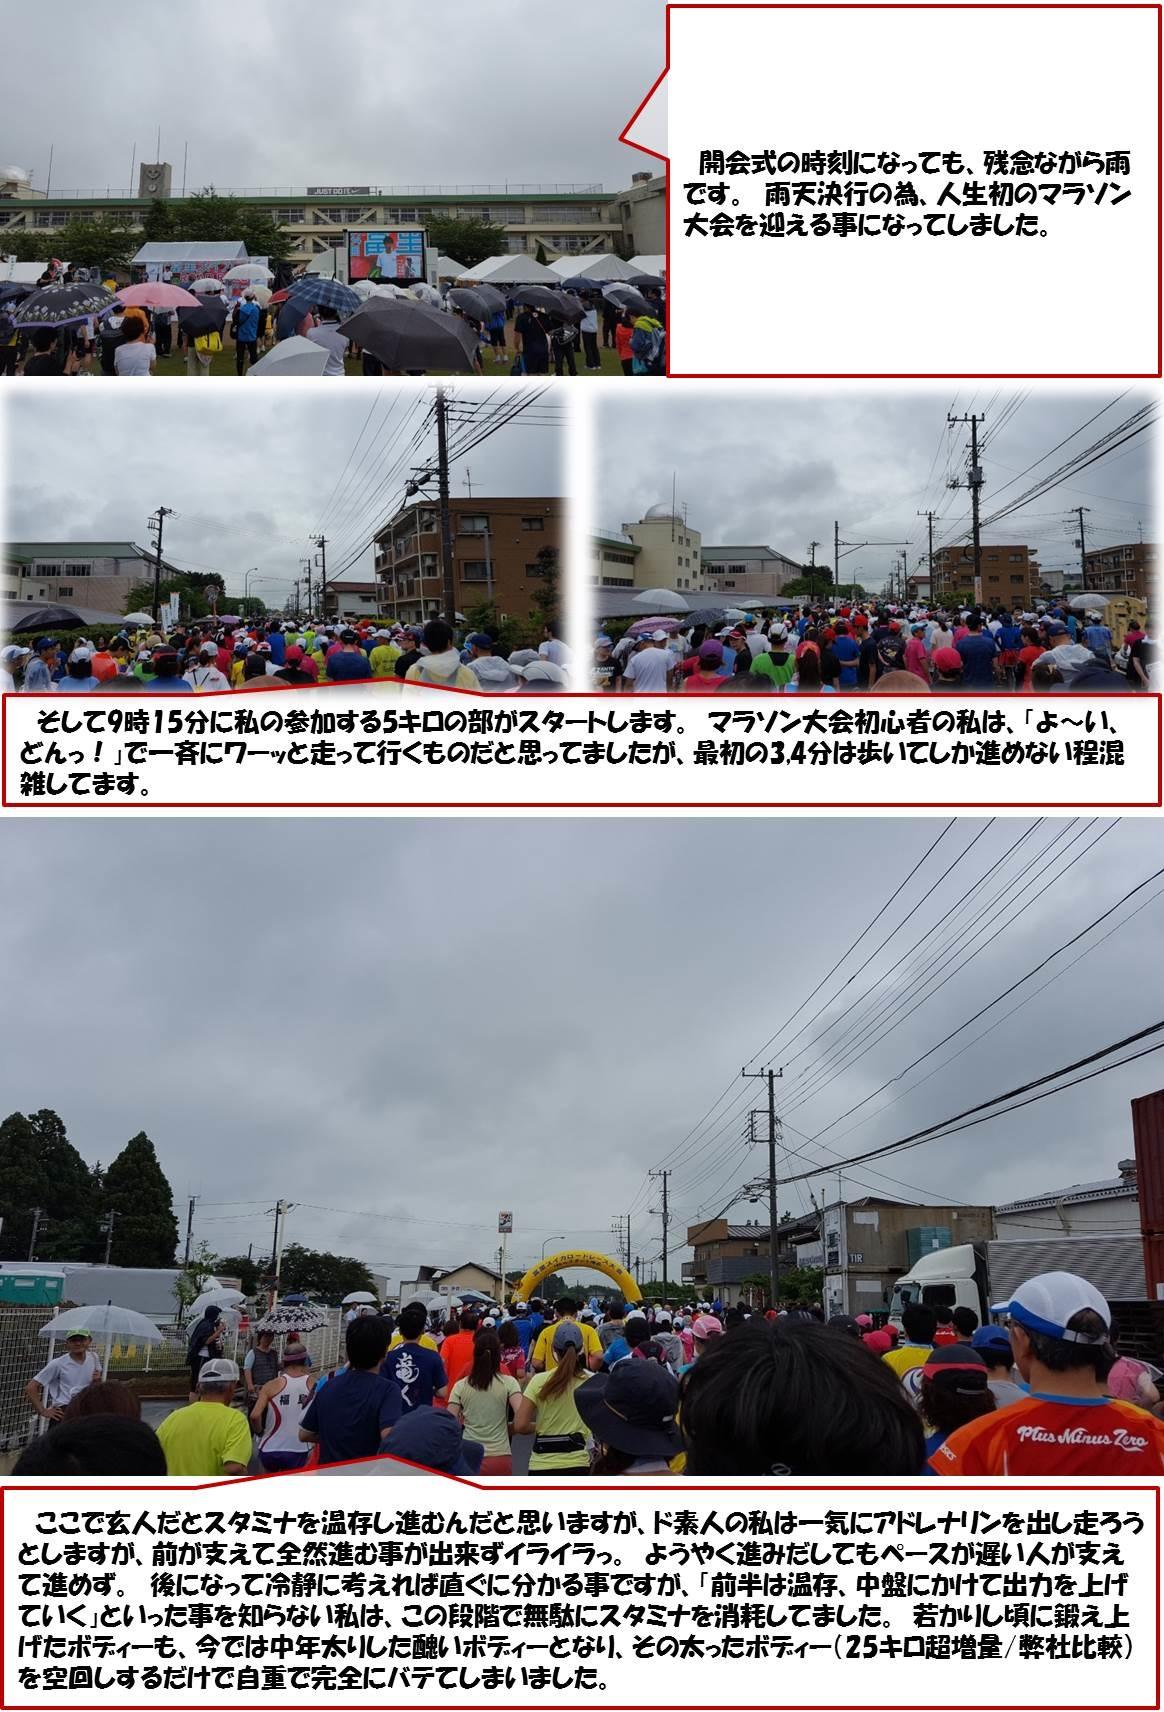 開会式の時刻になっても、残念ながら雨です。 雨天決行の為、人生初のマラソン大会を迎える事になってしました。  そして9時15分に私の参加する5キロの部がスタートします。 マラソン大会初心者の私は、「よ~い、どんっ!」で一斉にワーッと走って行くものだと思ってましたが、最初の3,4分は歩いてしか進めない程混雑してます。